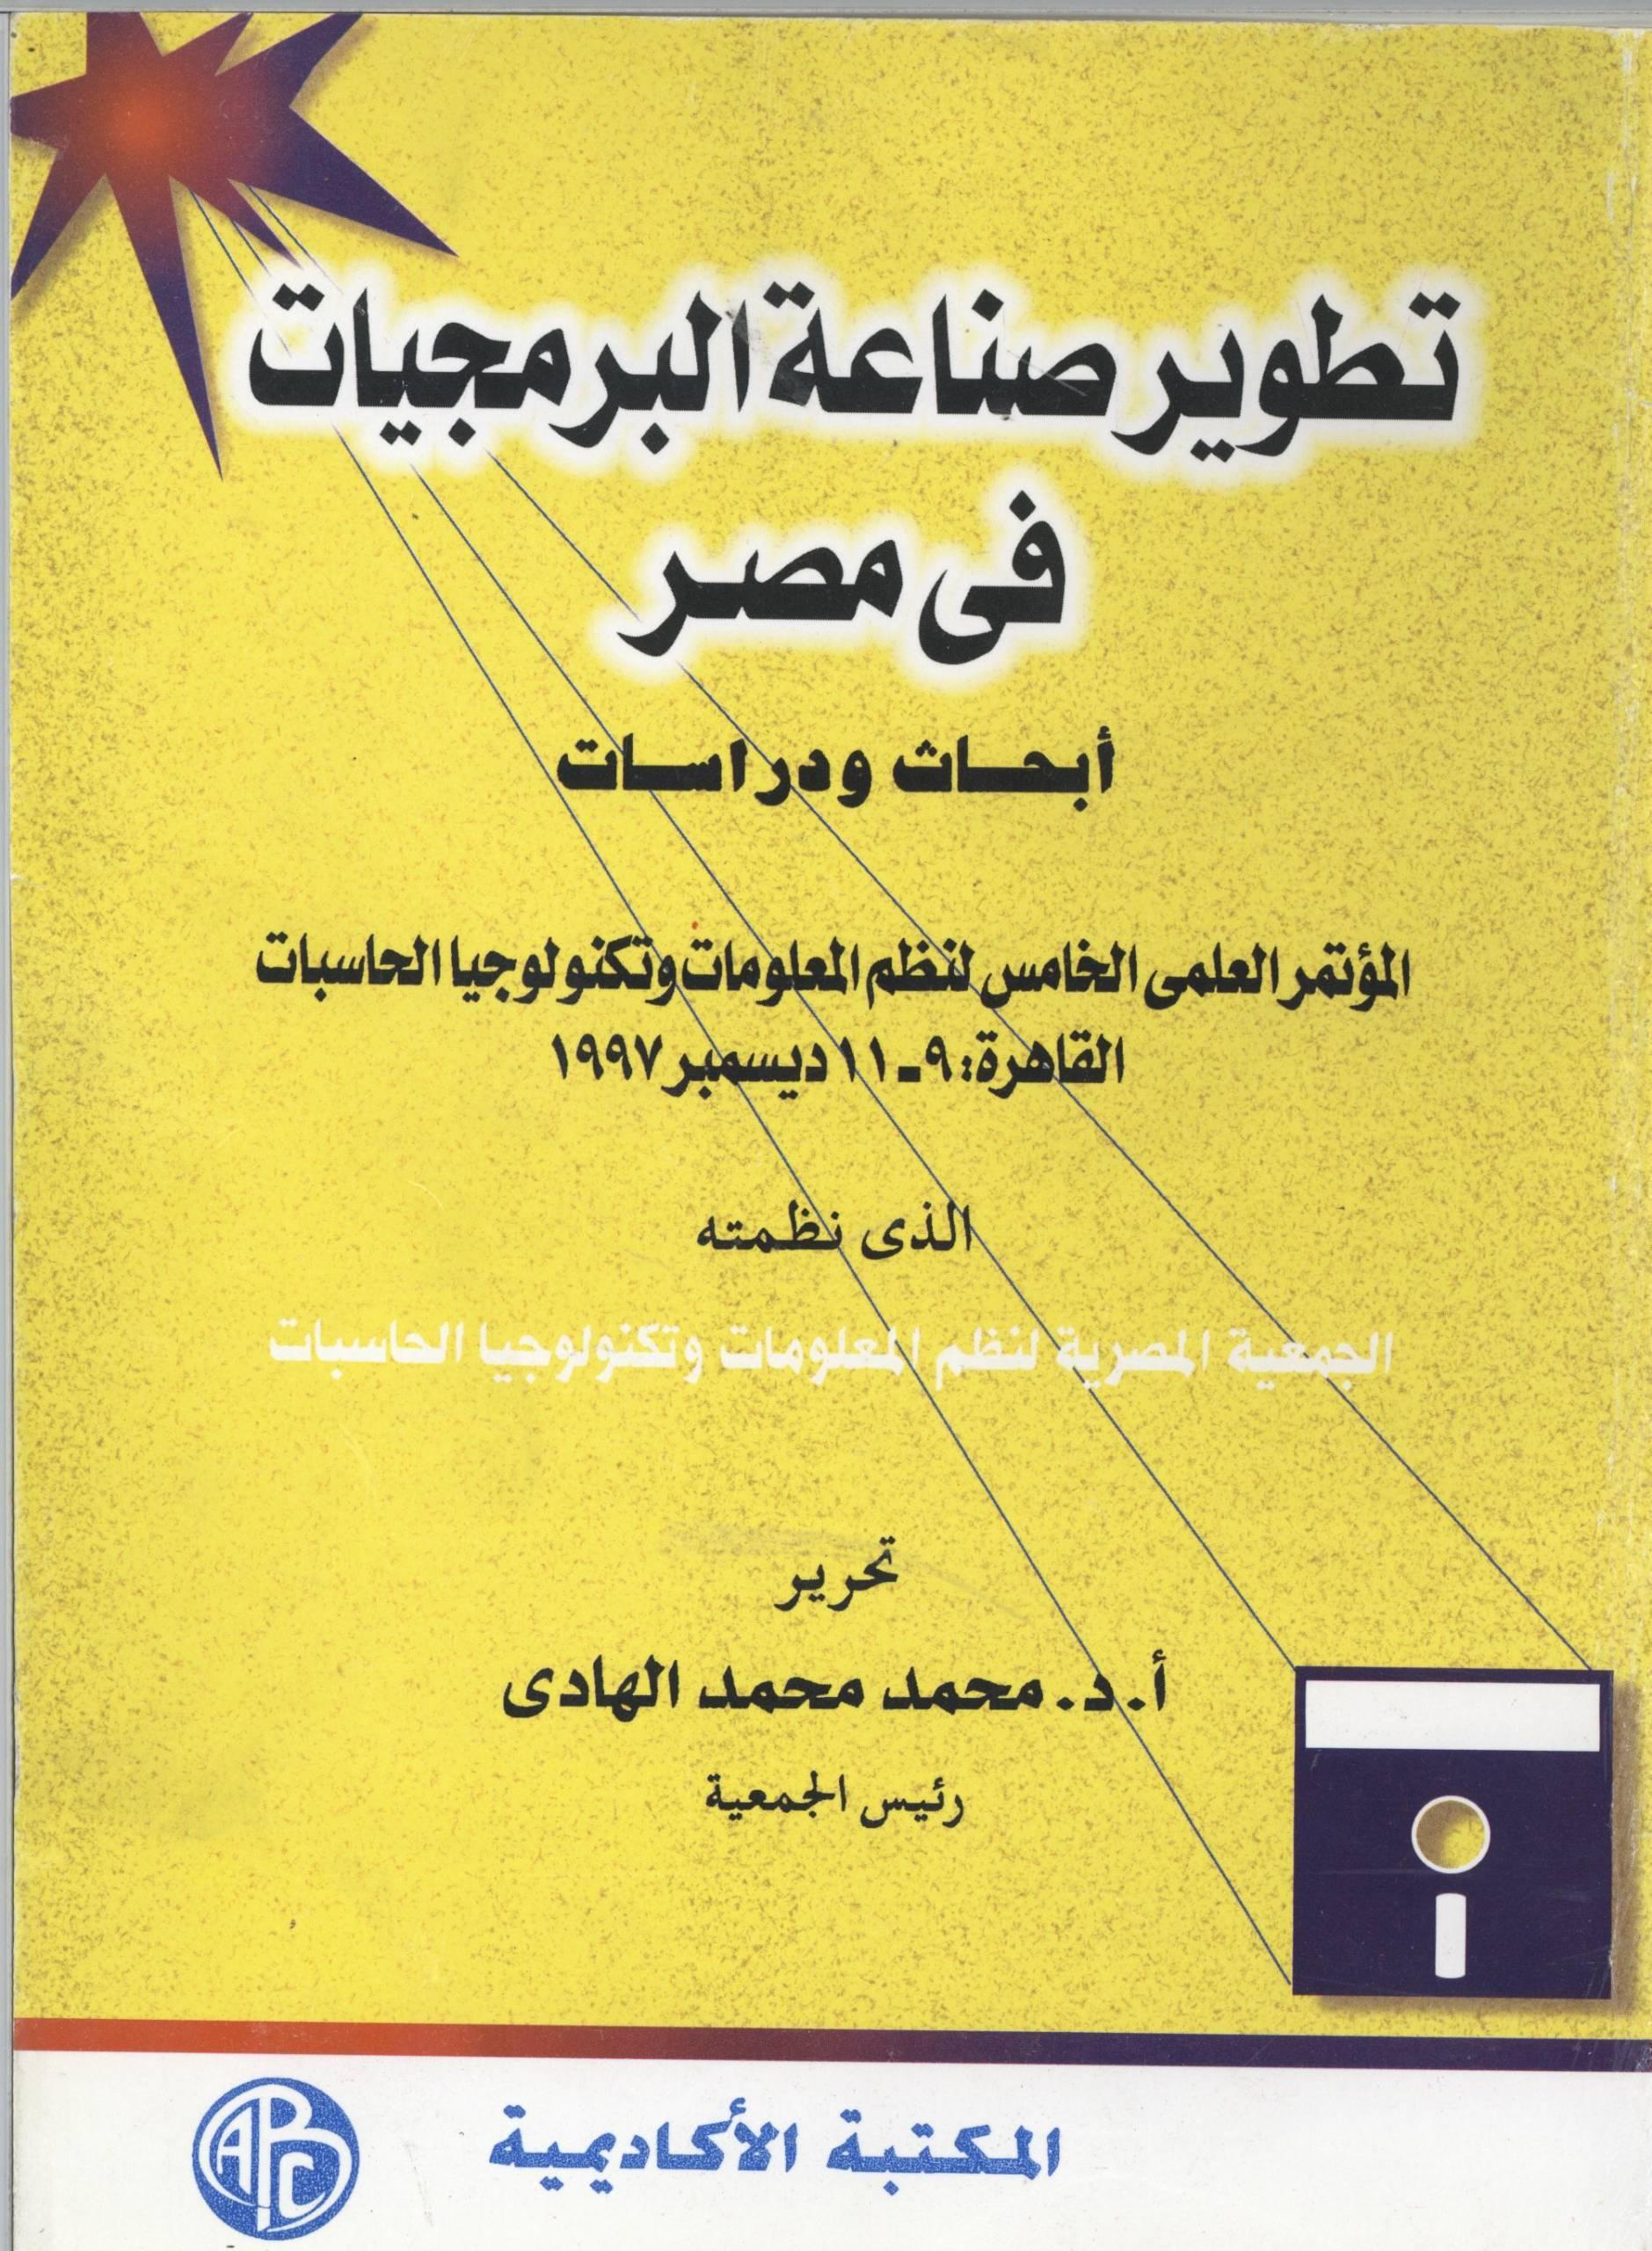 تطوير صناعة البرمجيات فى مصر